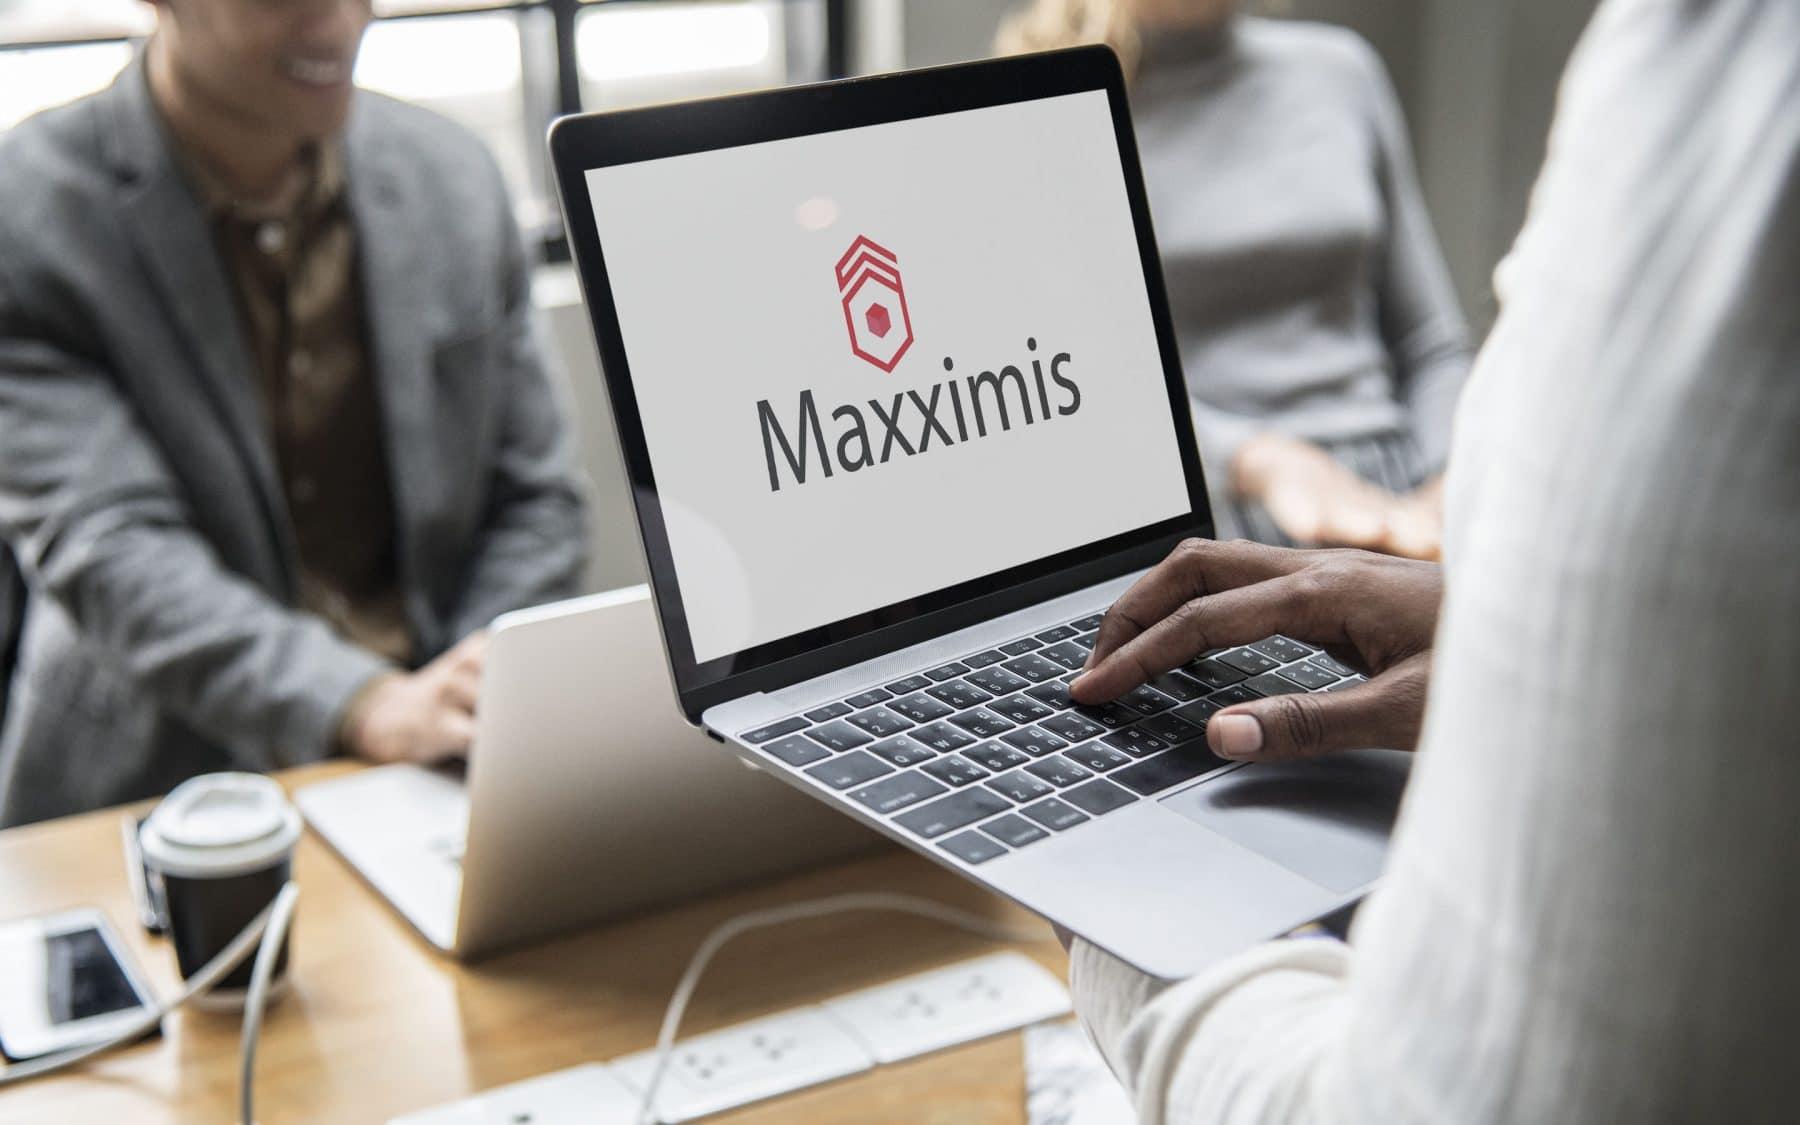 Maxximis 2